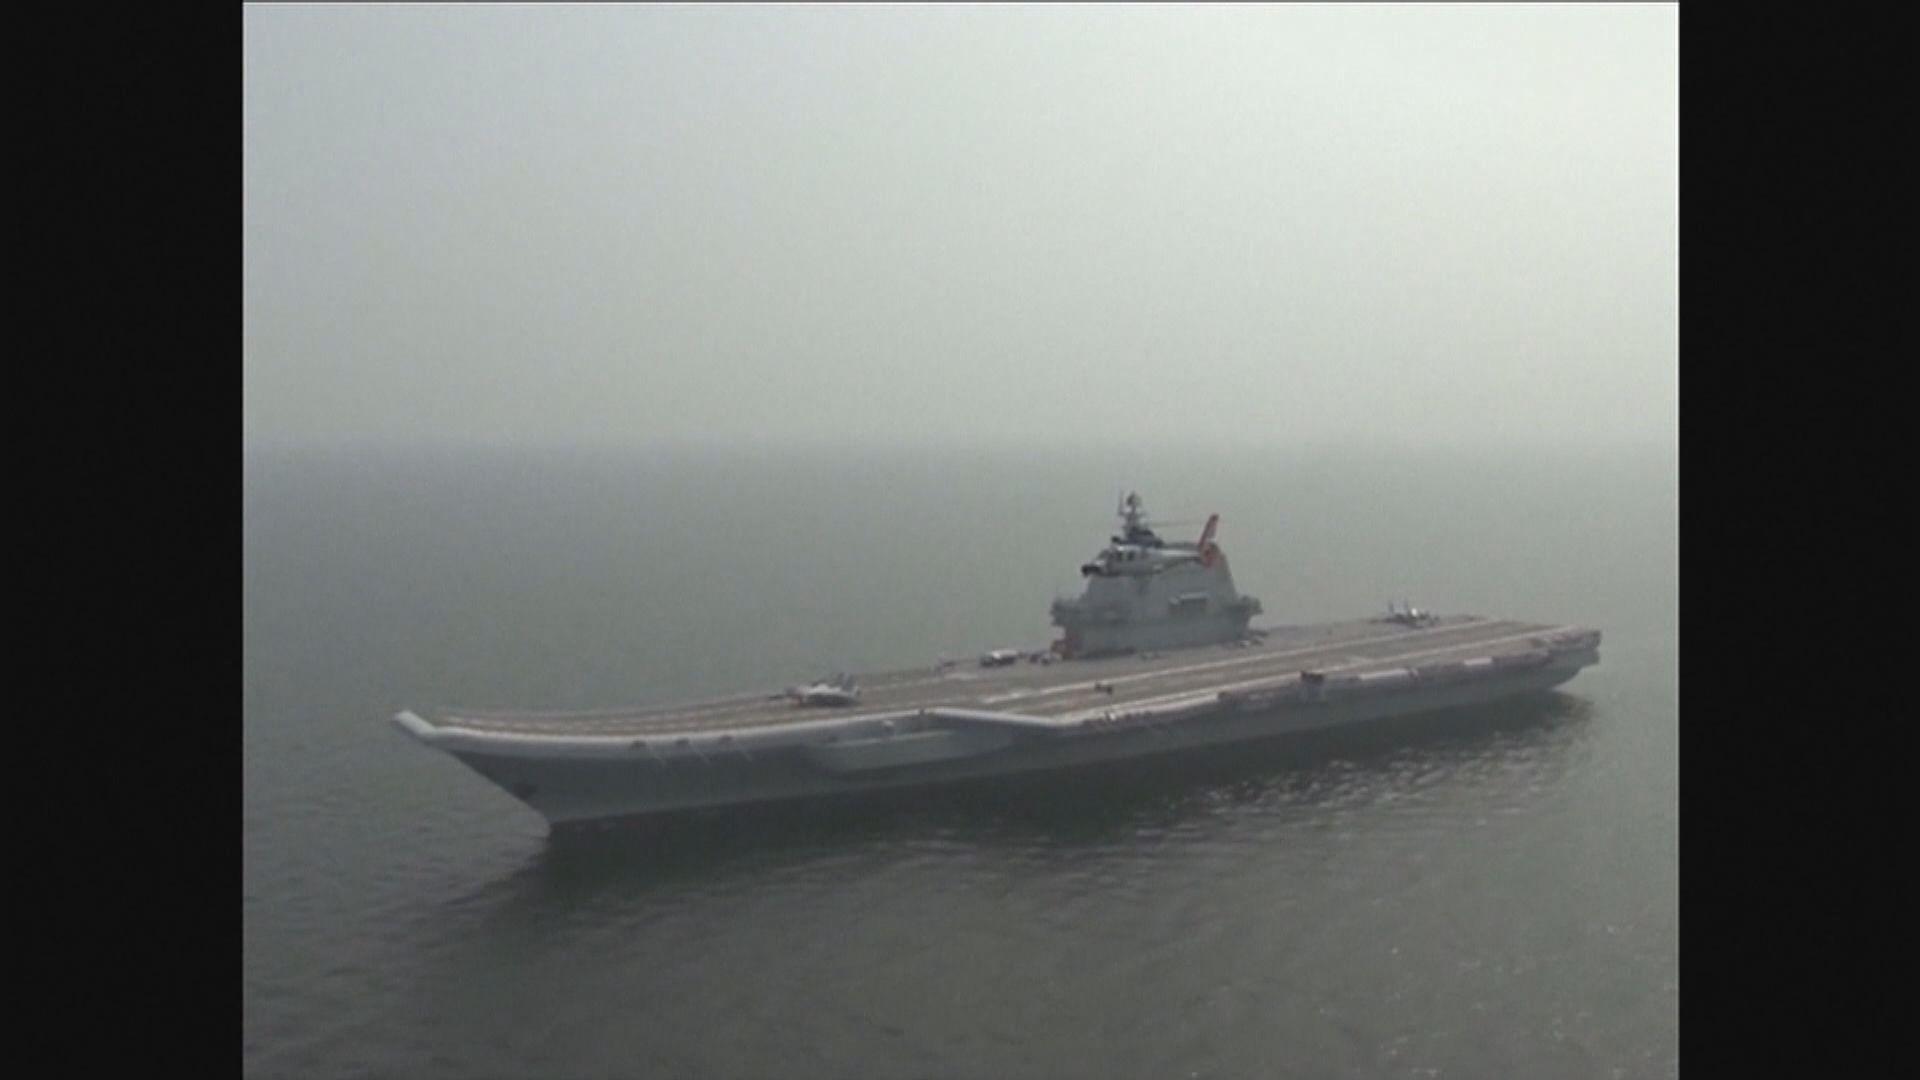 報道指中美兩國航母於南海相遇